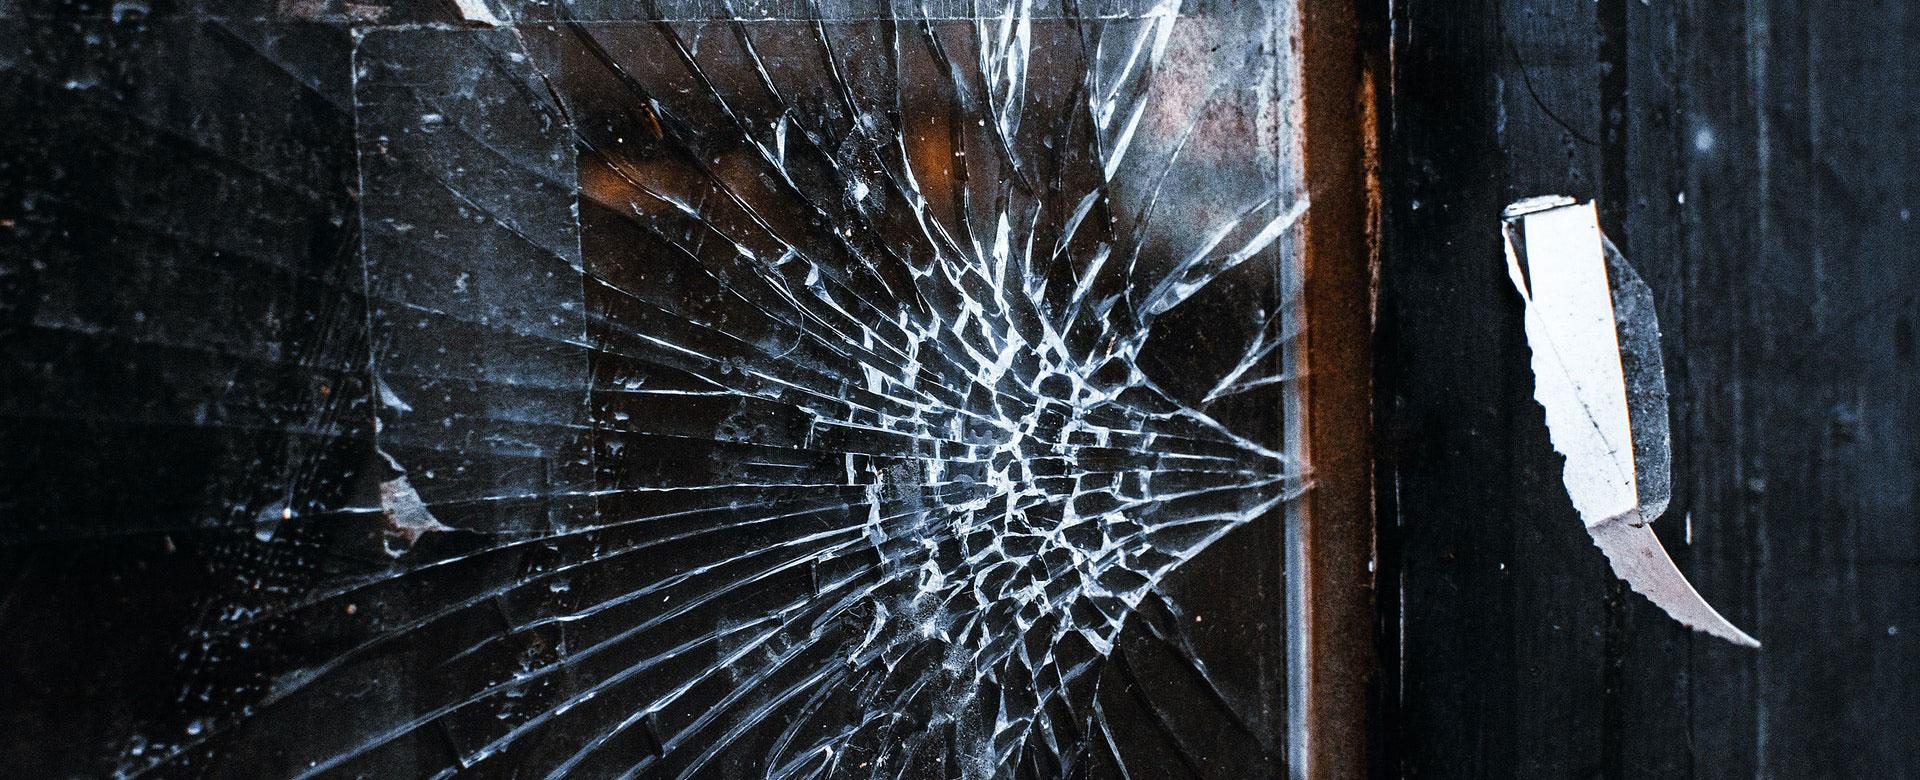 Die Private Haftpflichtversicherung – günstiger Schutz vor dem finanziellen Ruin